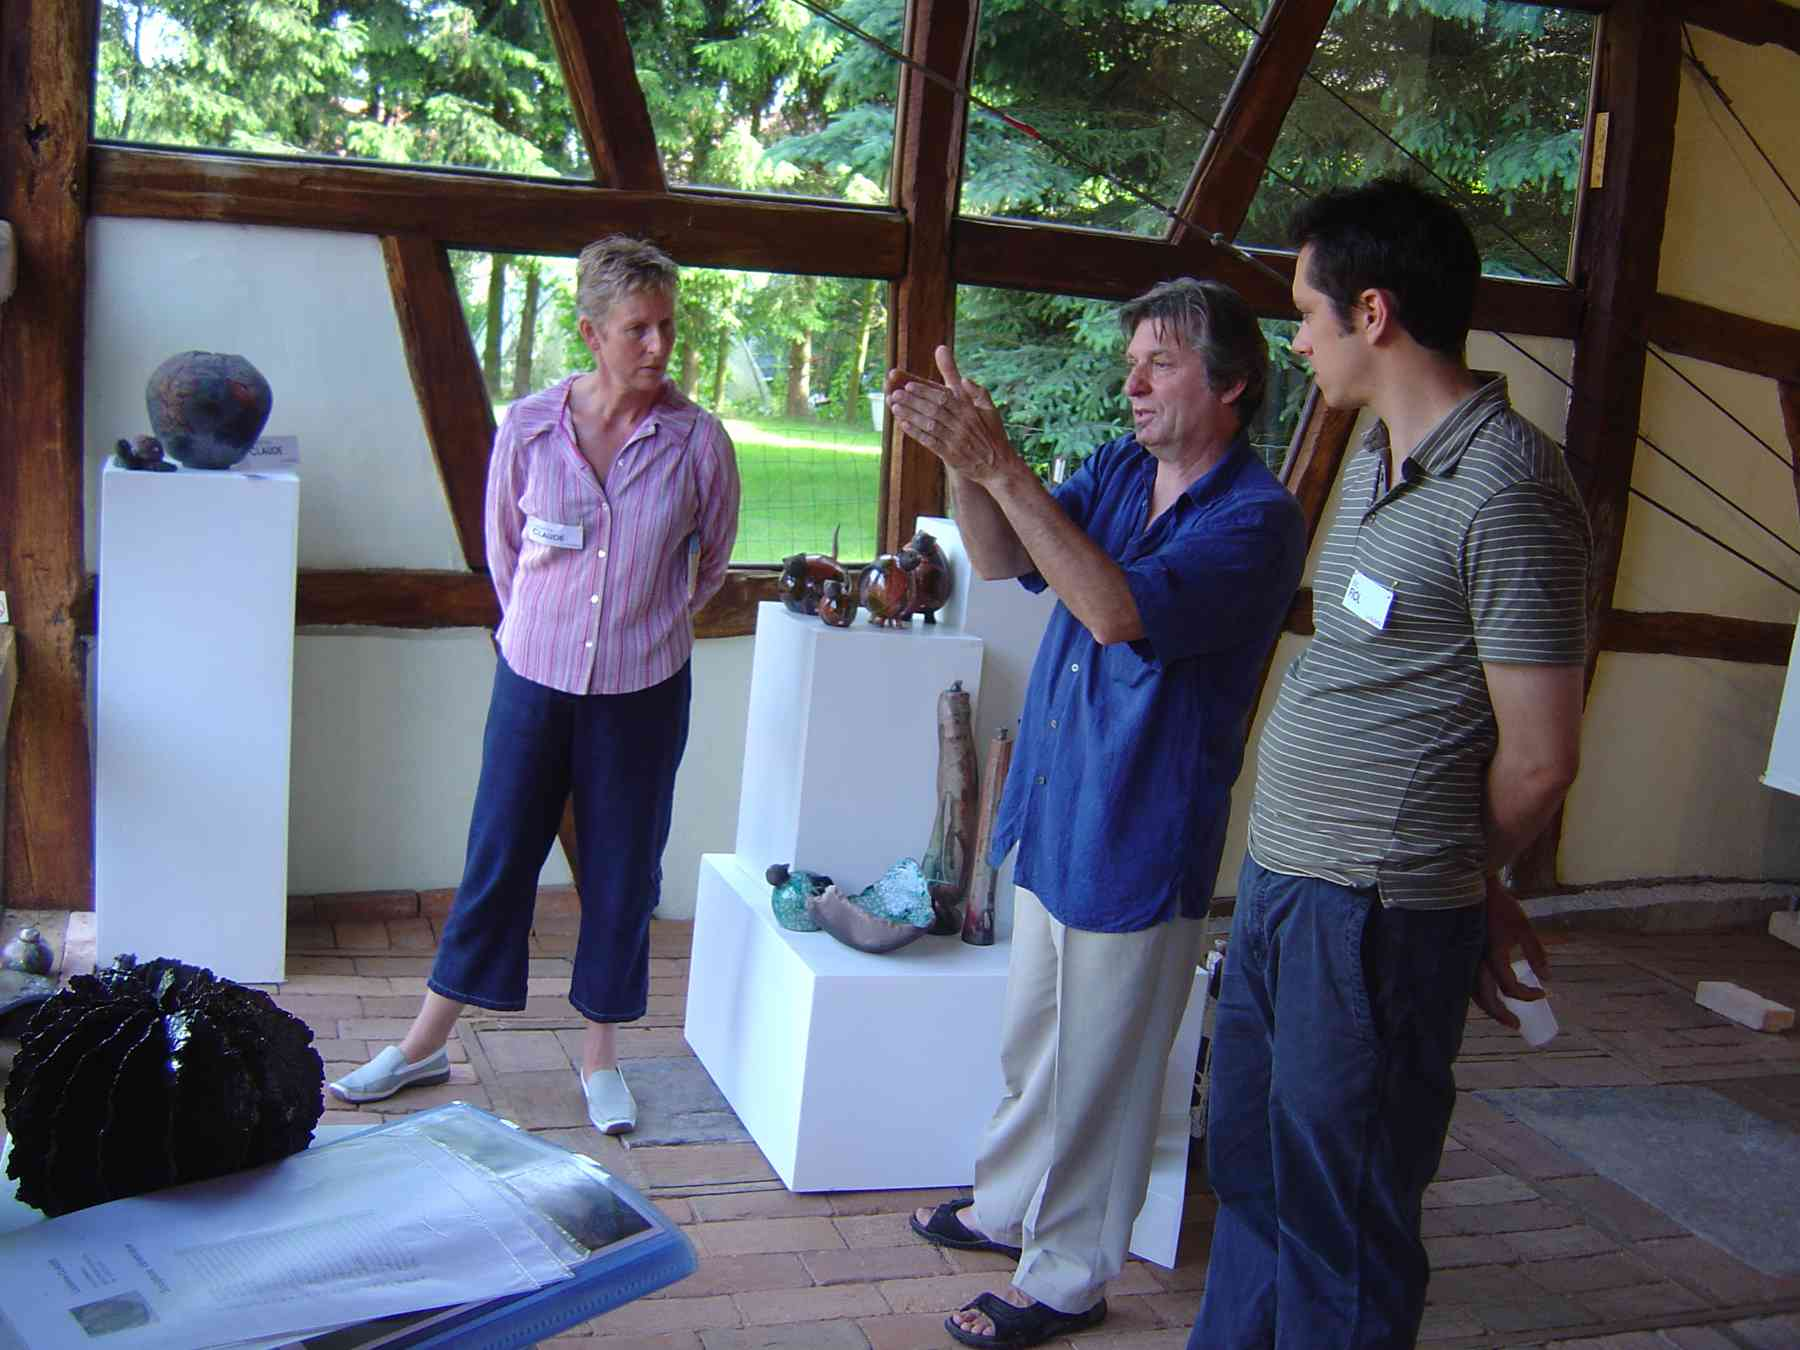 Expo juin 2006, 3 artistes